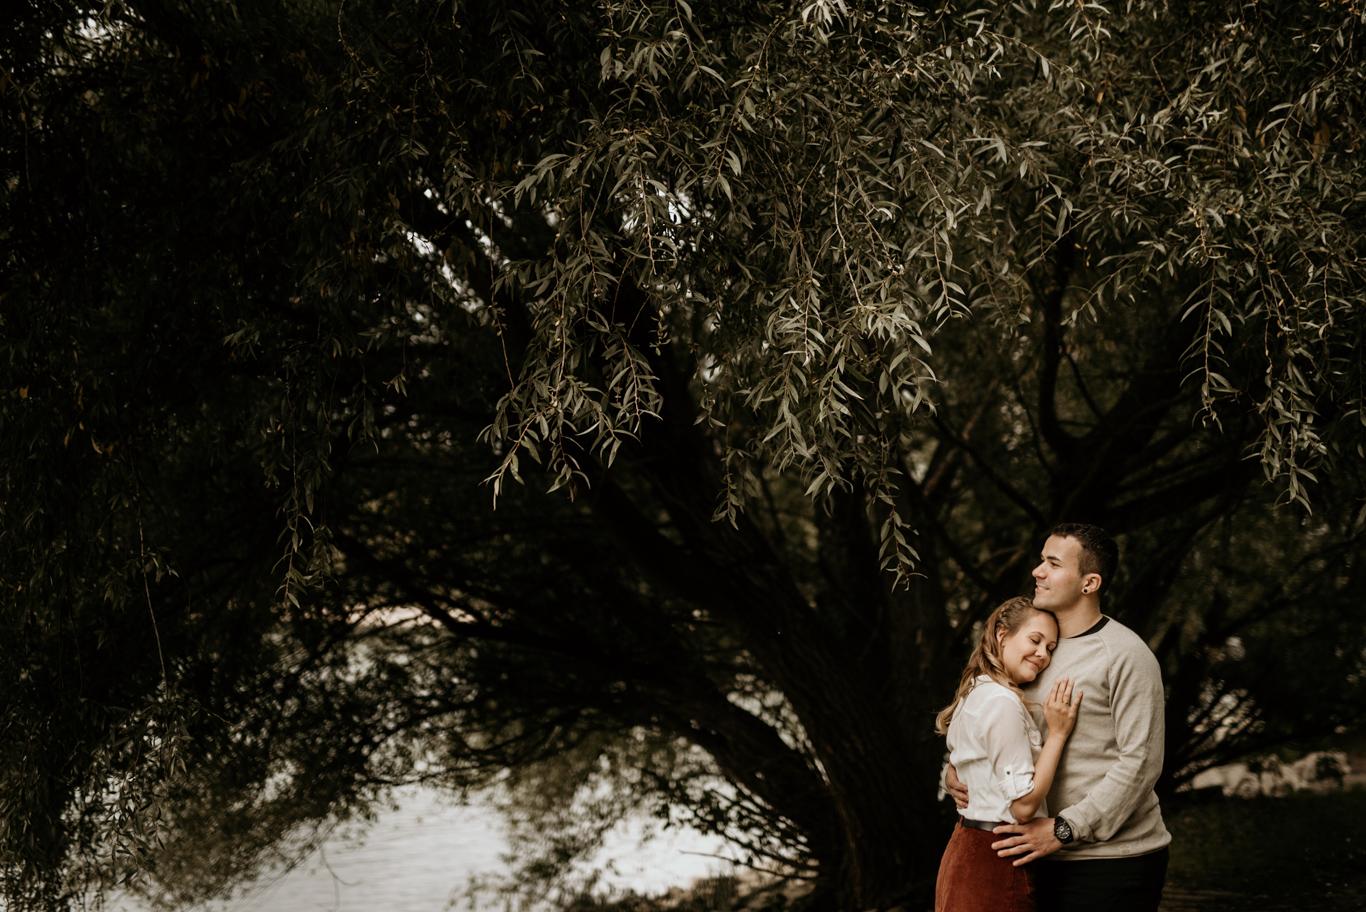 Fotograf Mannheim Heidelberg Paarfotos Paarfotografie Pärchen Liebe Verlobungsshooting Waldpark Rhein